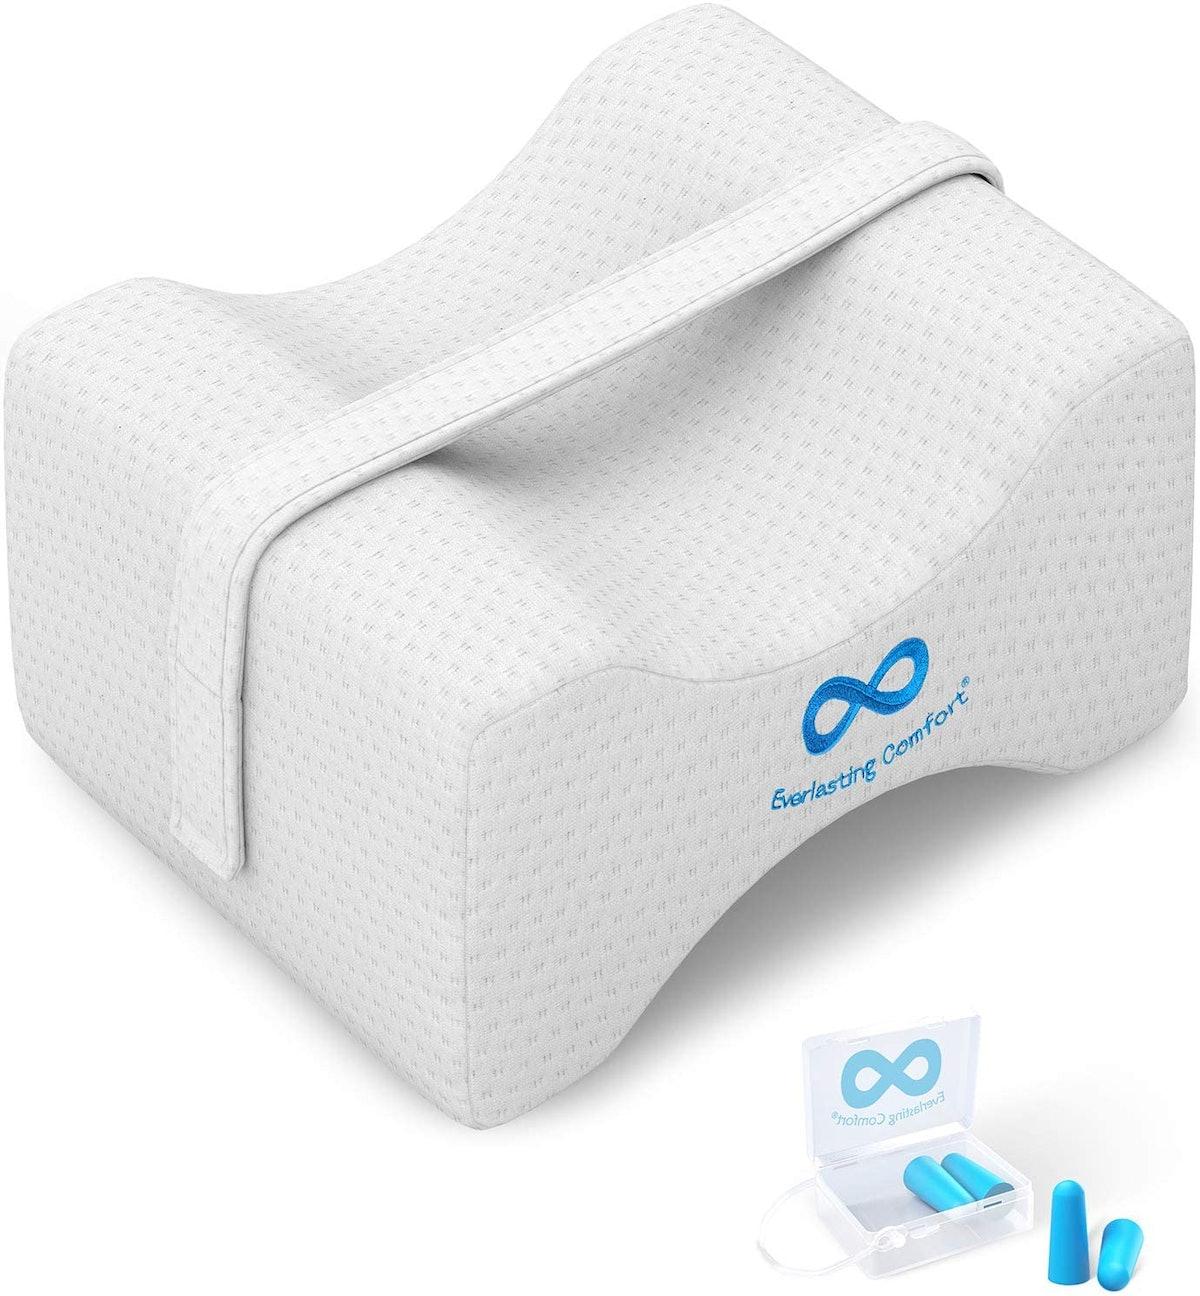 Everlasting Comfort Memory Foam Knee Pillow